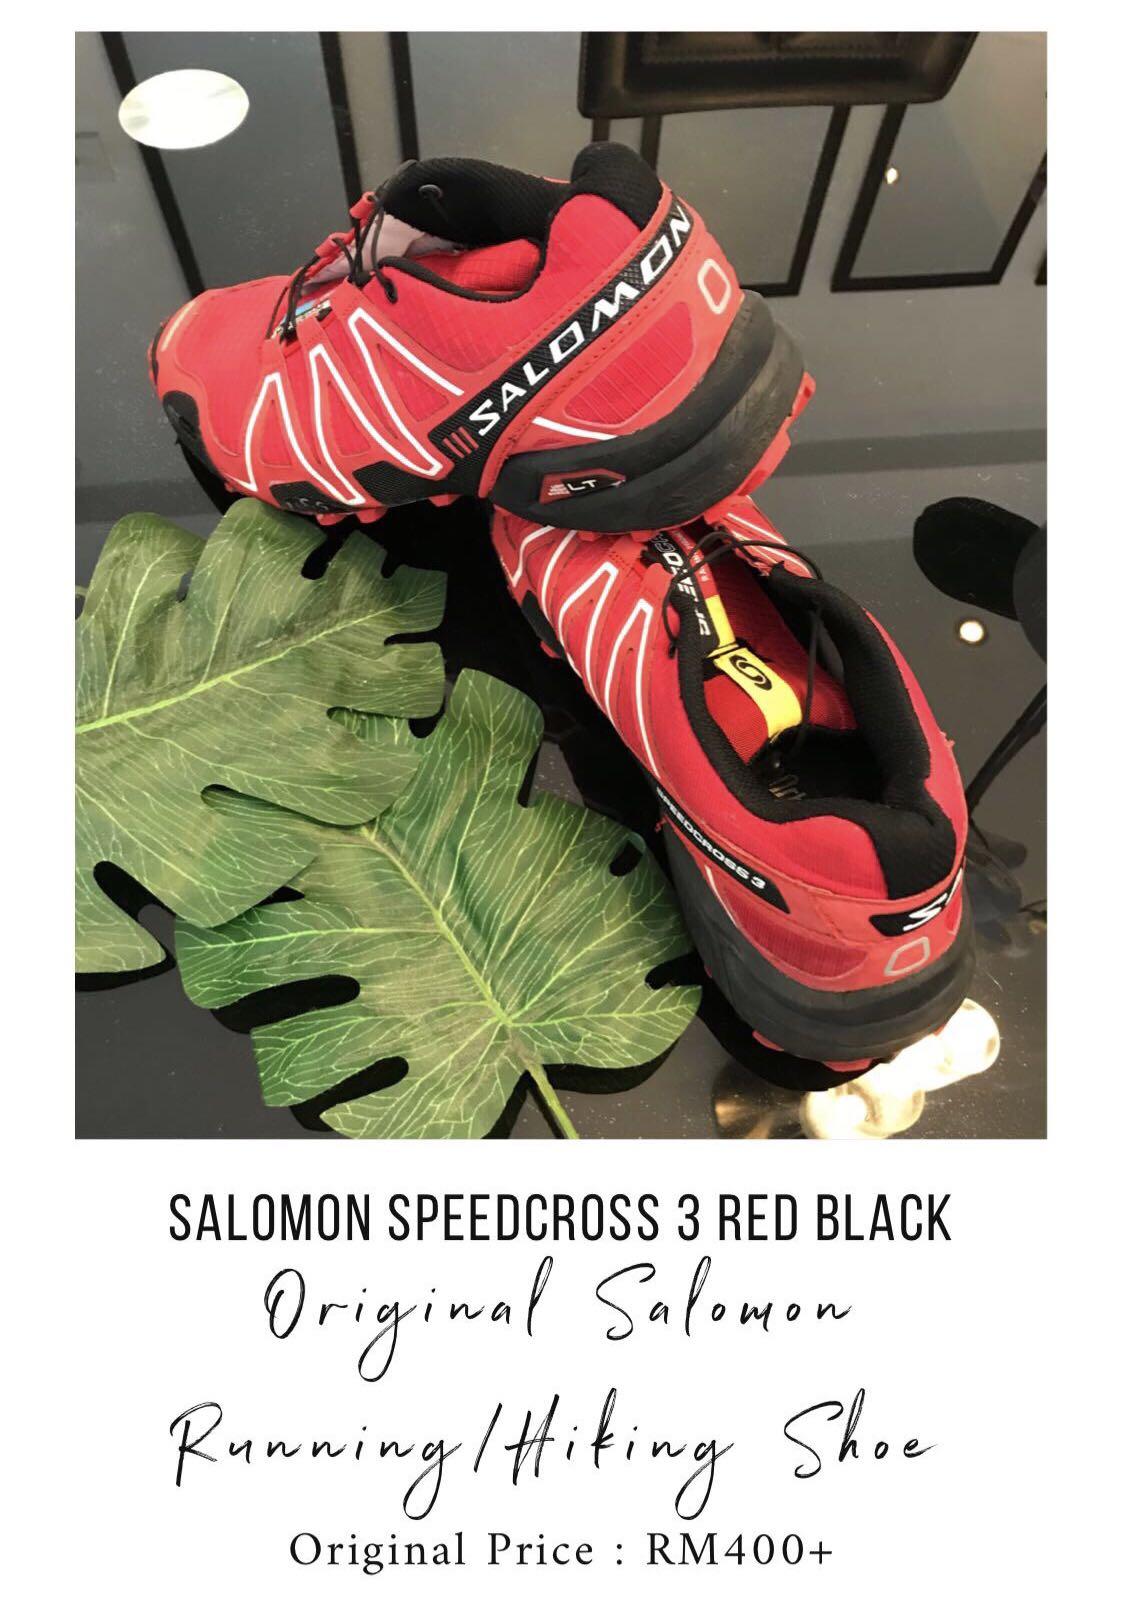 best service 9cd38 f99c3 Salomon Speedcross 3 Black Red, Men s Fashion, Footwear on Carousell